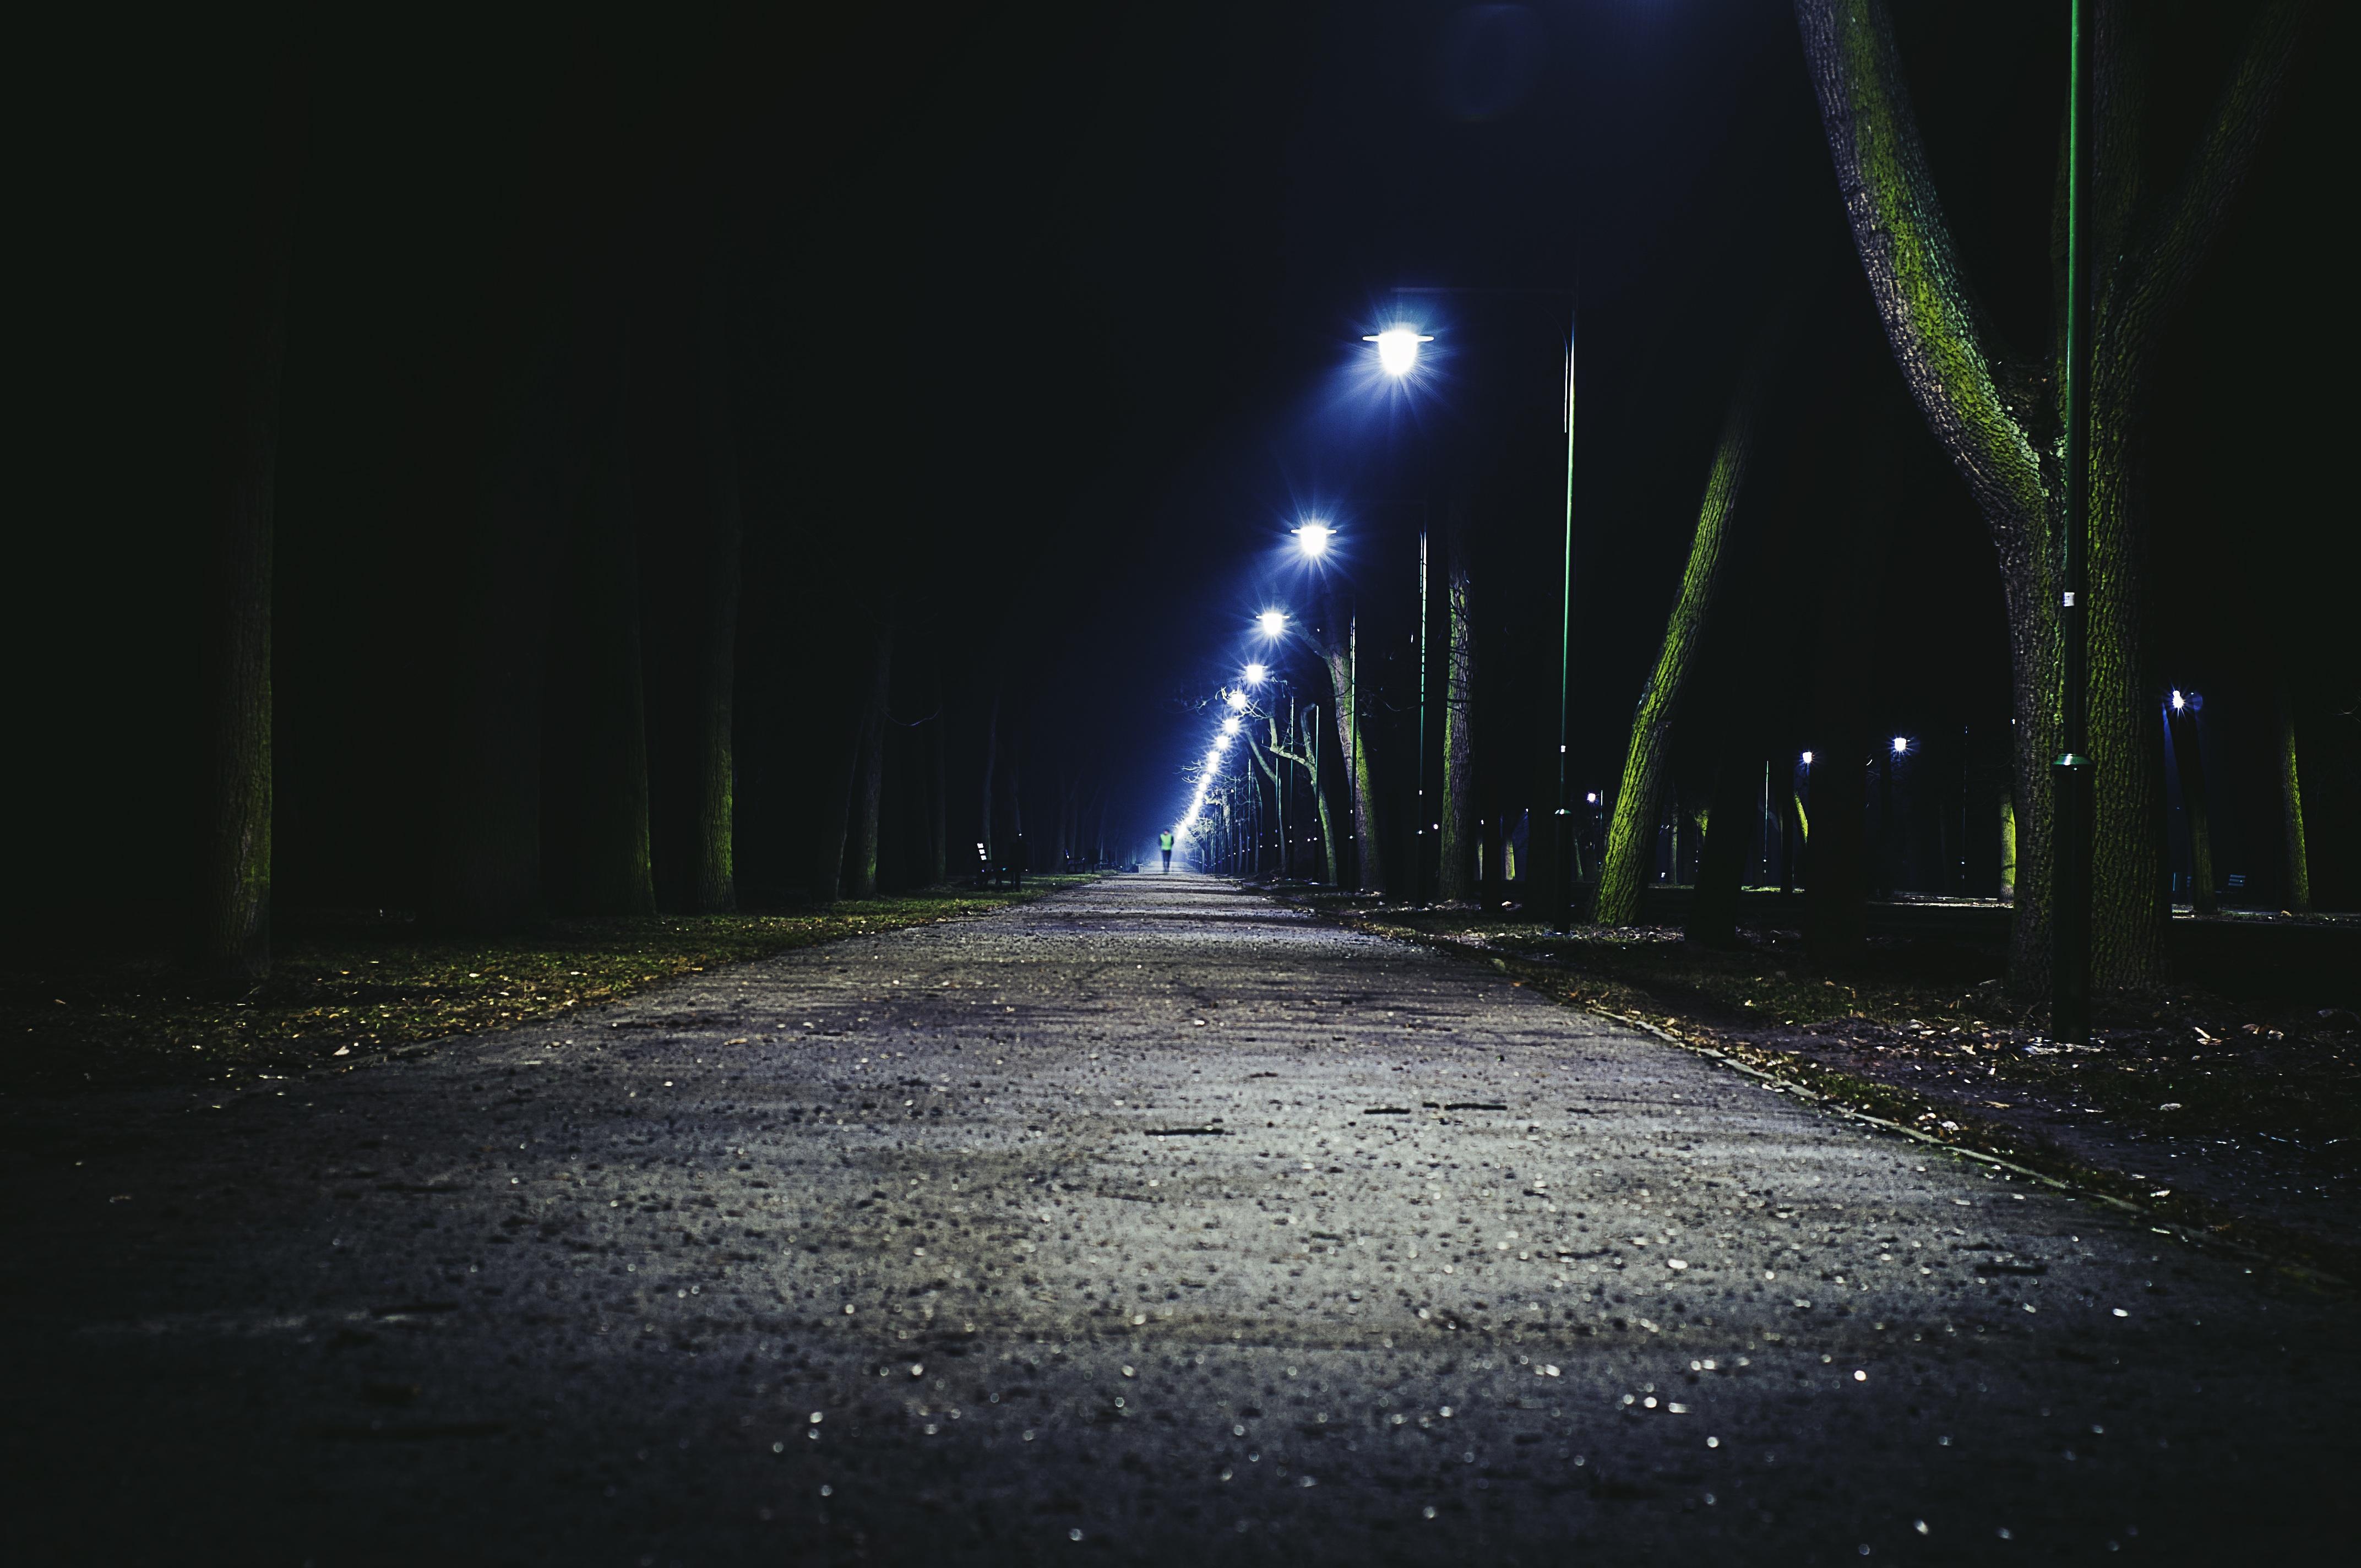 темное фото ночная съемка как сделать светлым открытки подарочные